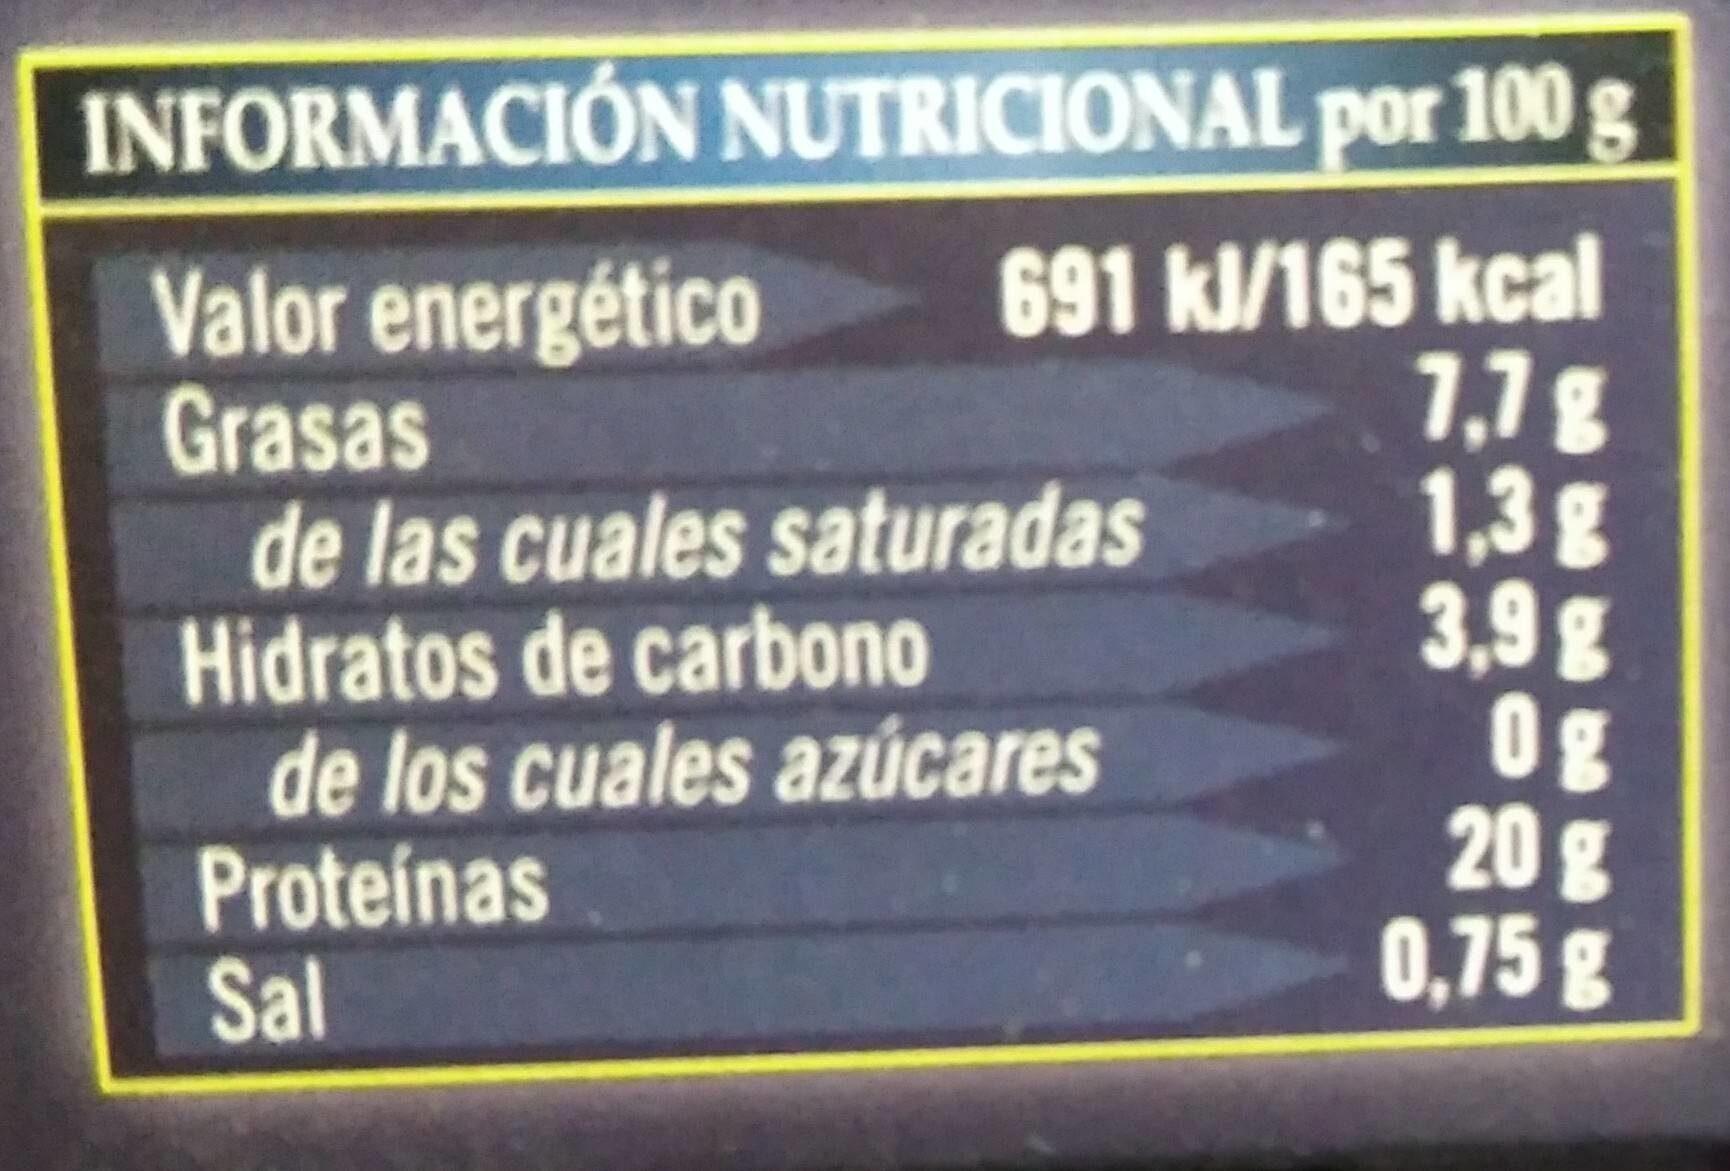 Mejillones de las rías gallegas - Nutrition facts